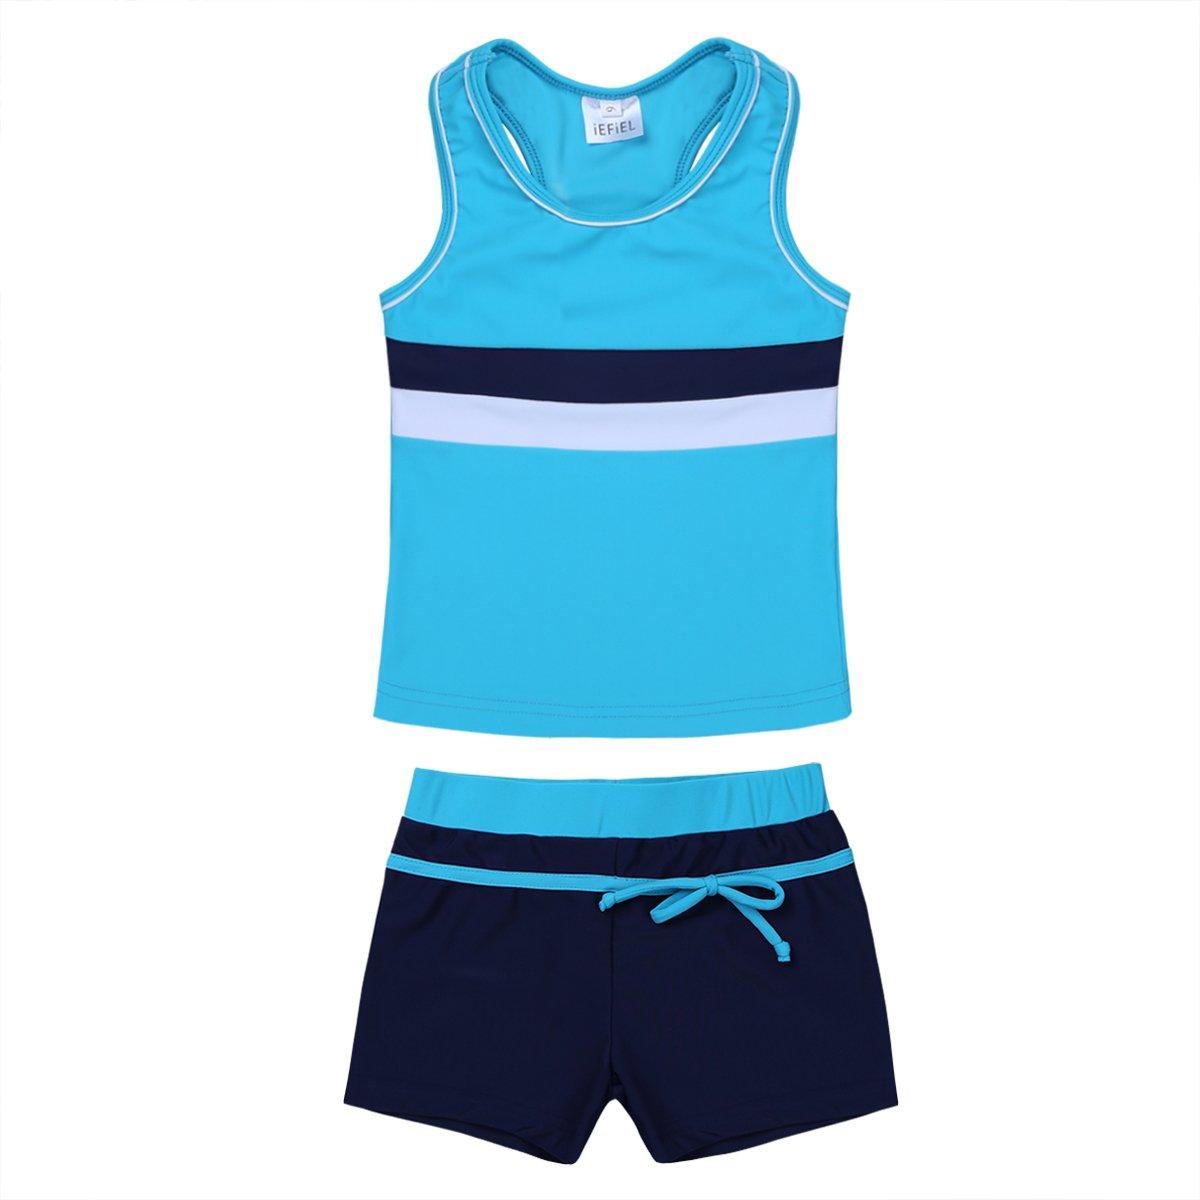 iEFiEL Little Girls' Kids Summer Two Piece Boyshort Tops Tankini Kids Swimsuit Swimwear Set Blue 10